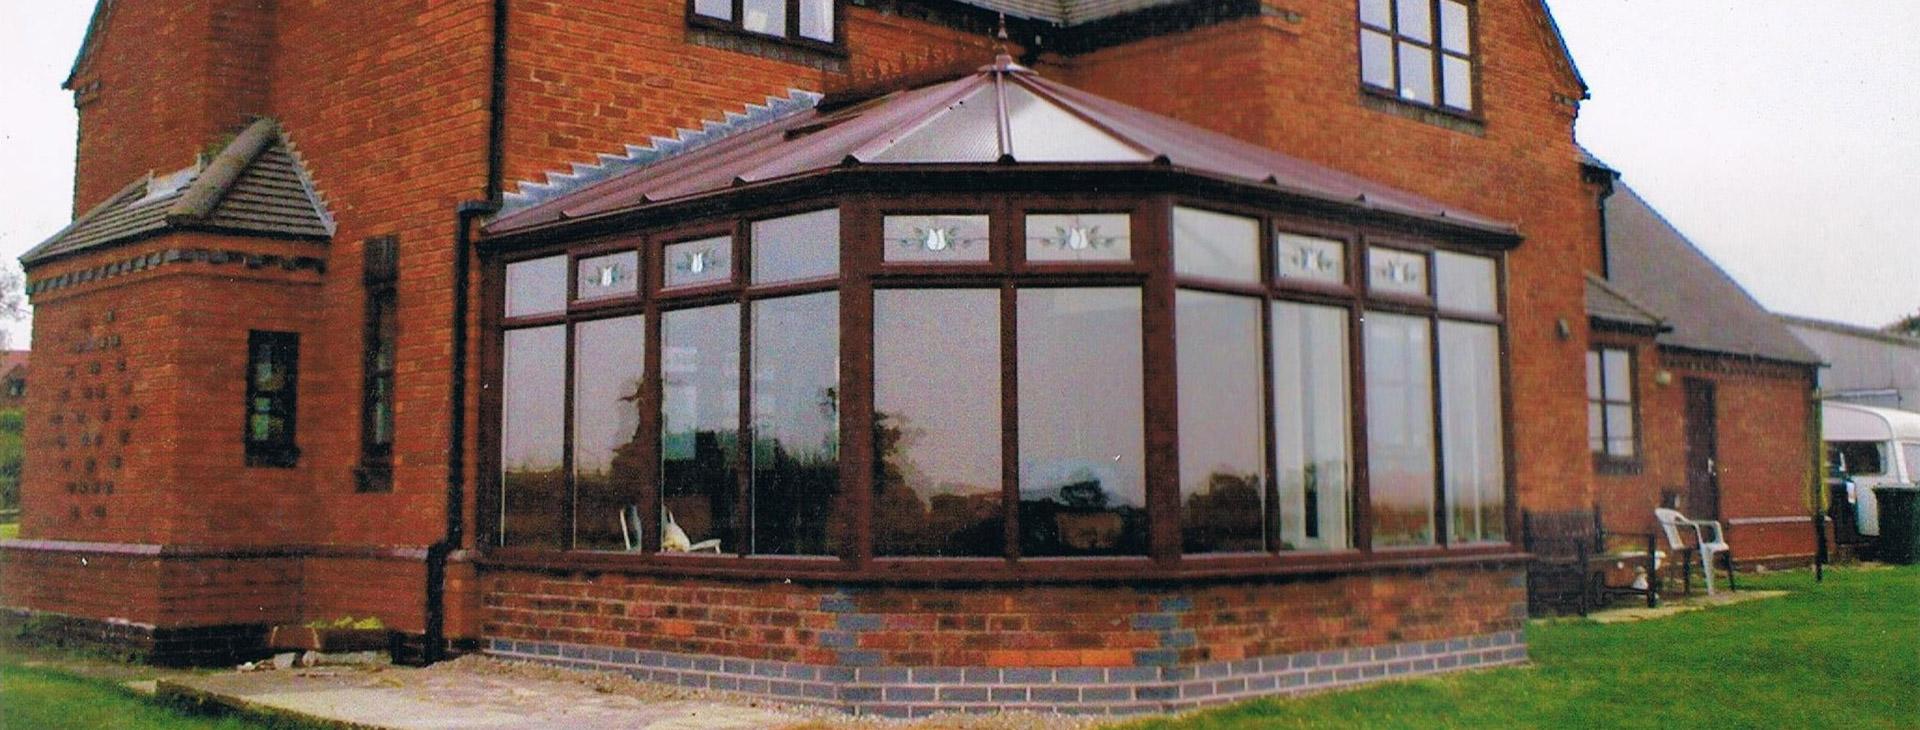 conservatories3-1920x730